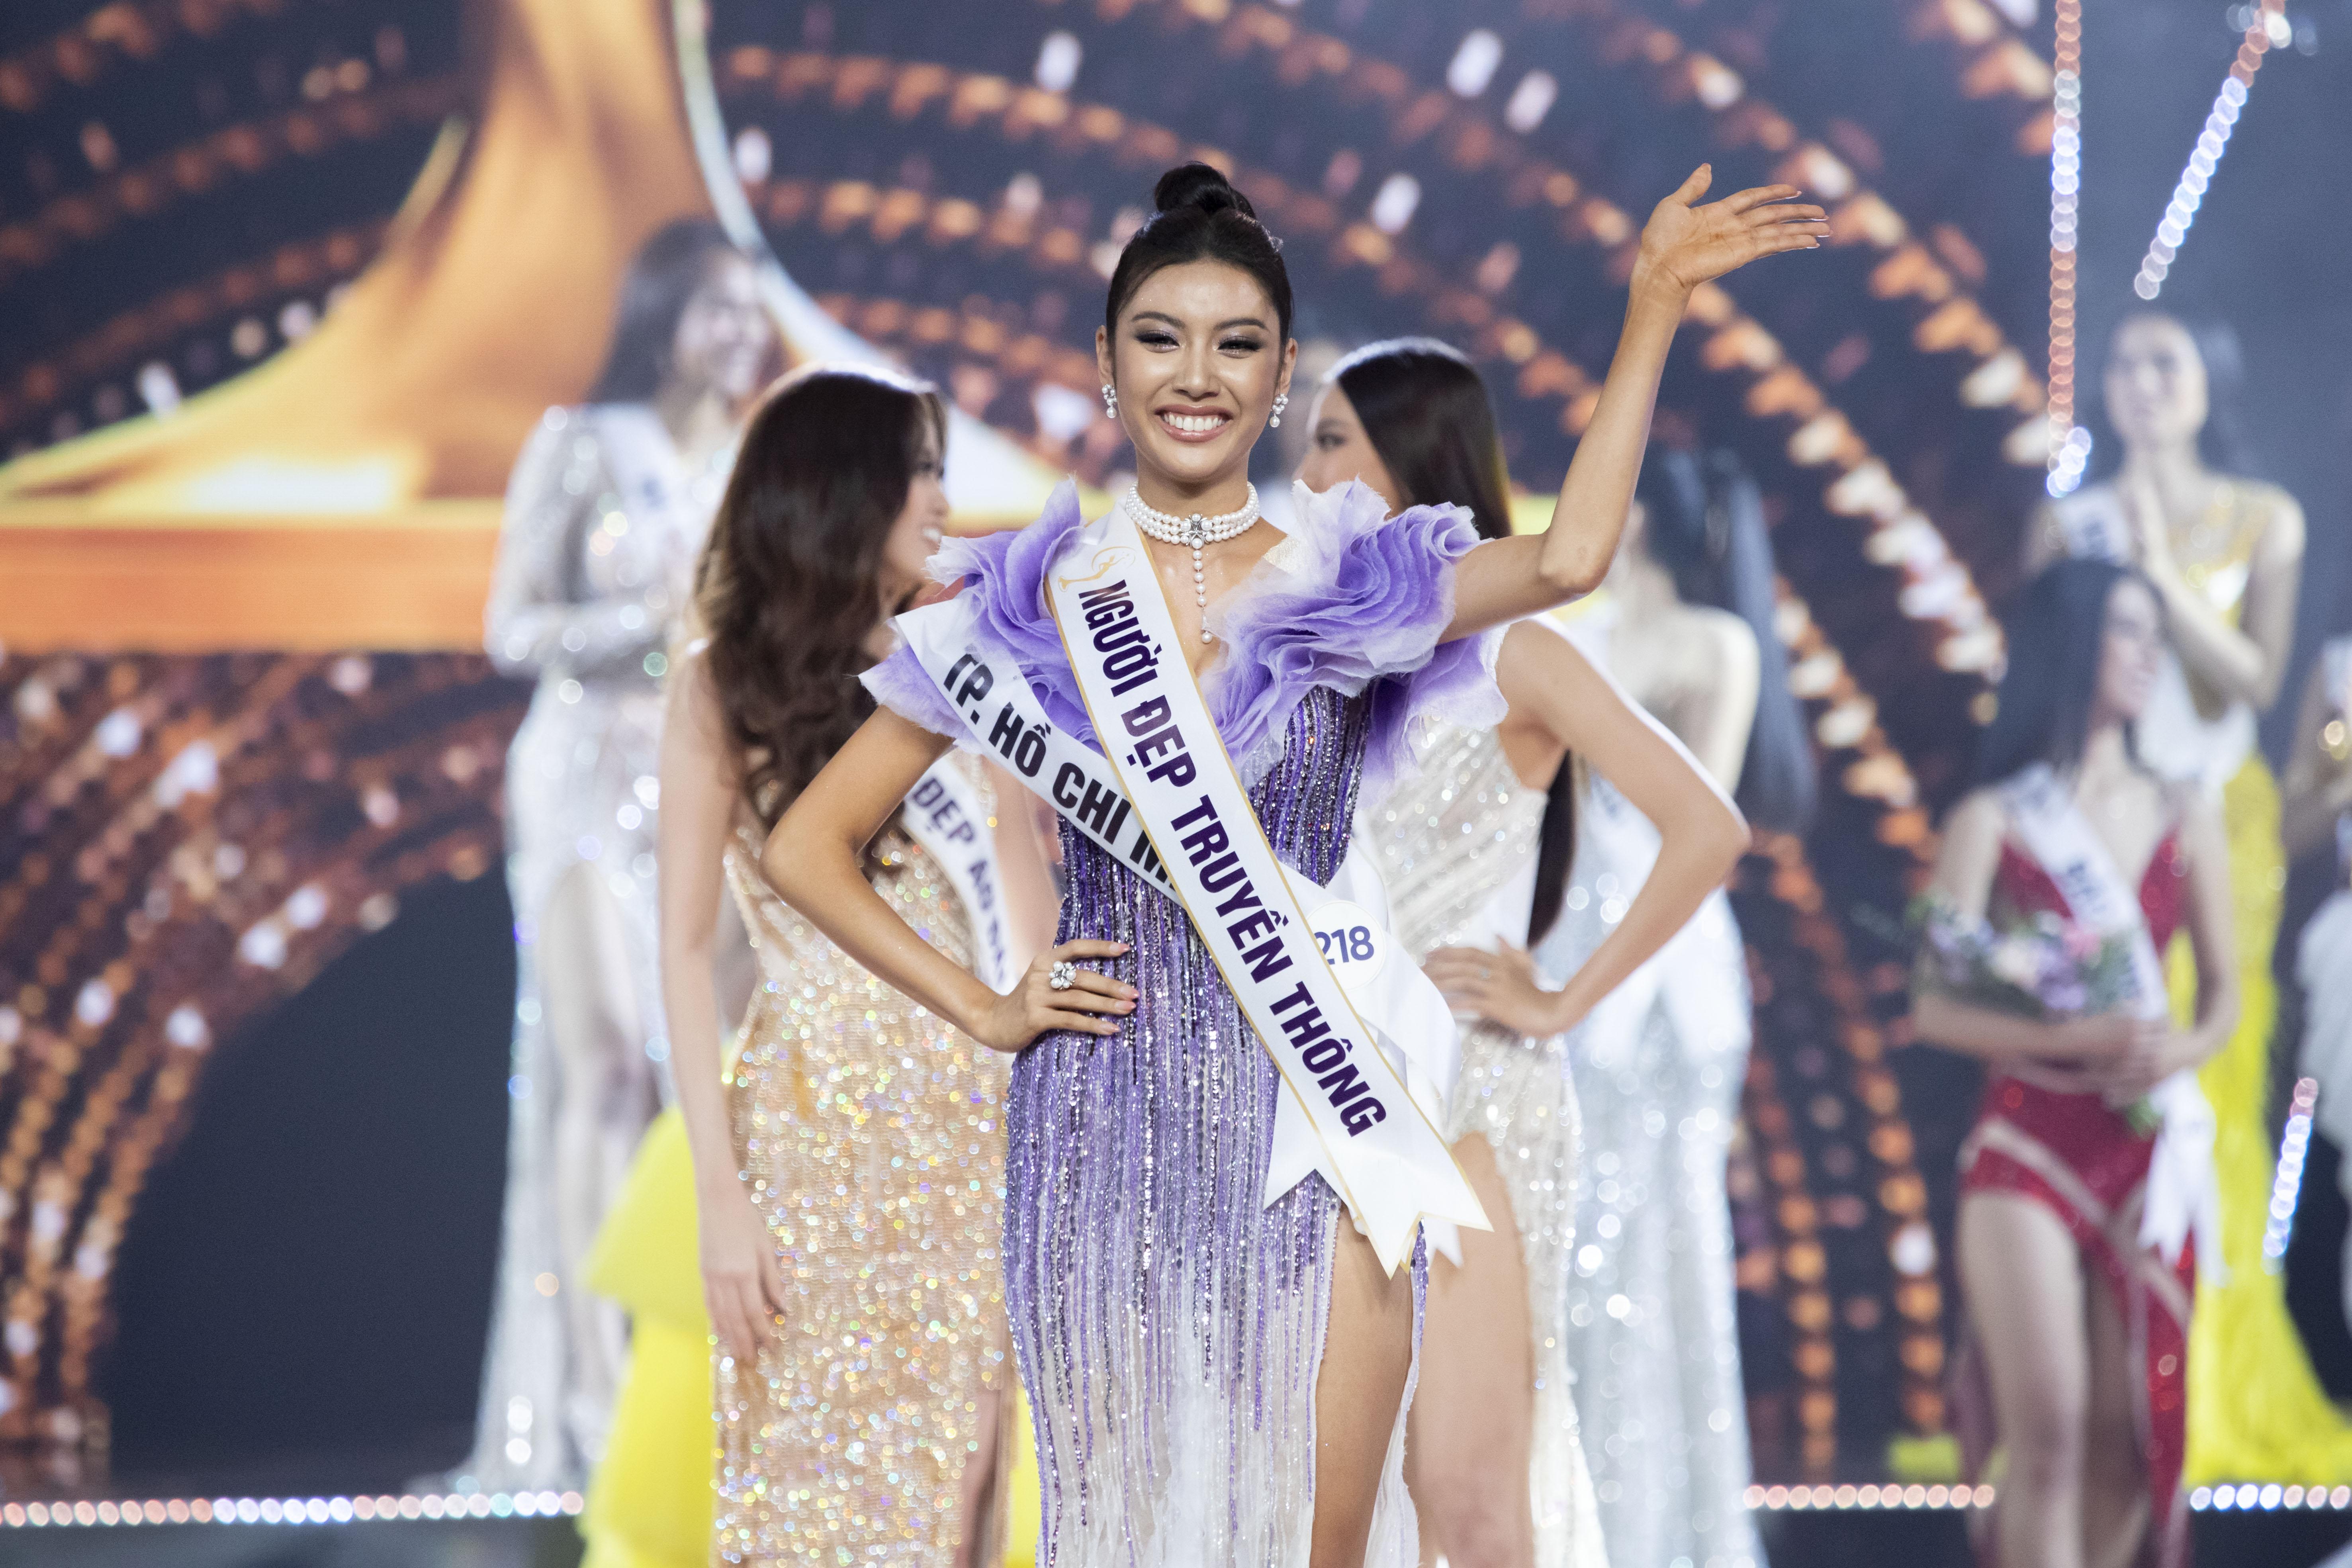 Á hậu 2: Phạm Hồng Thúy Vân - SBD 218